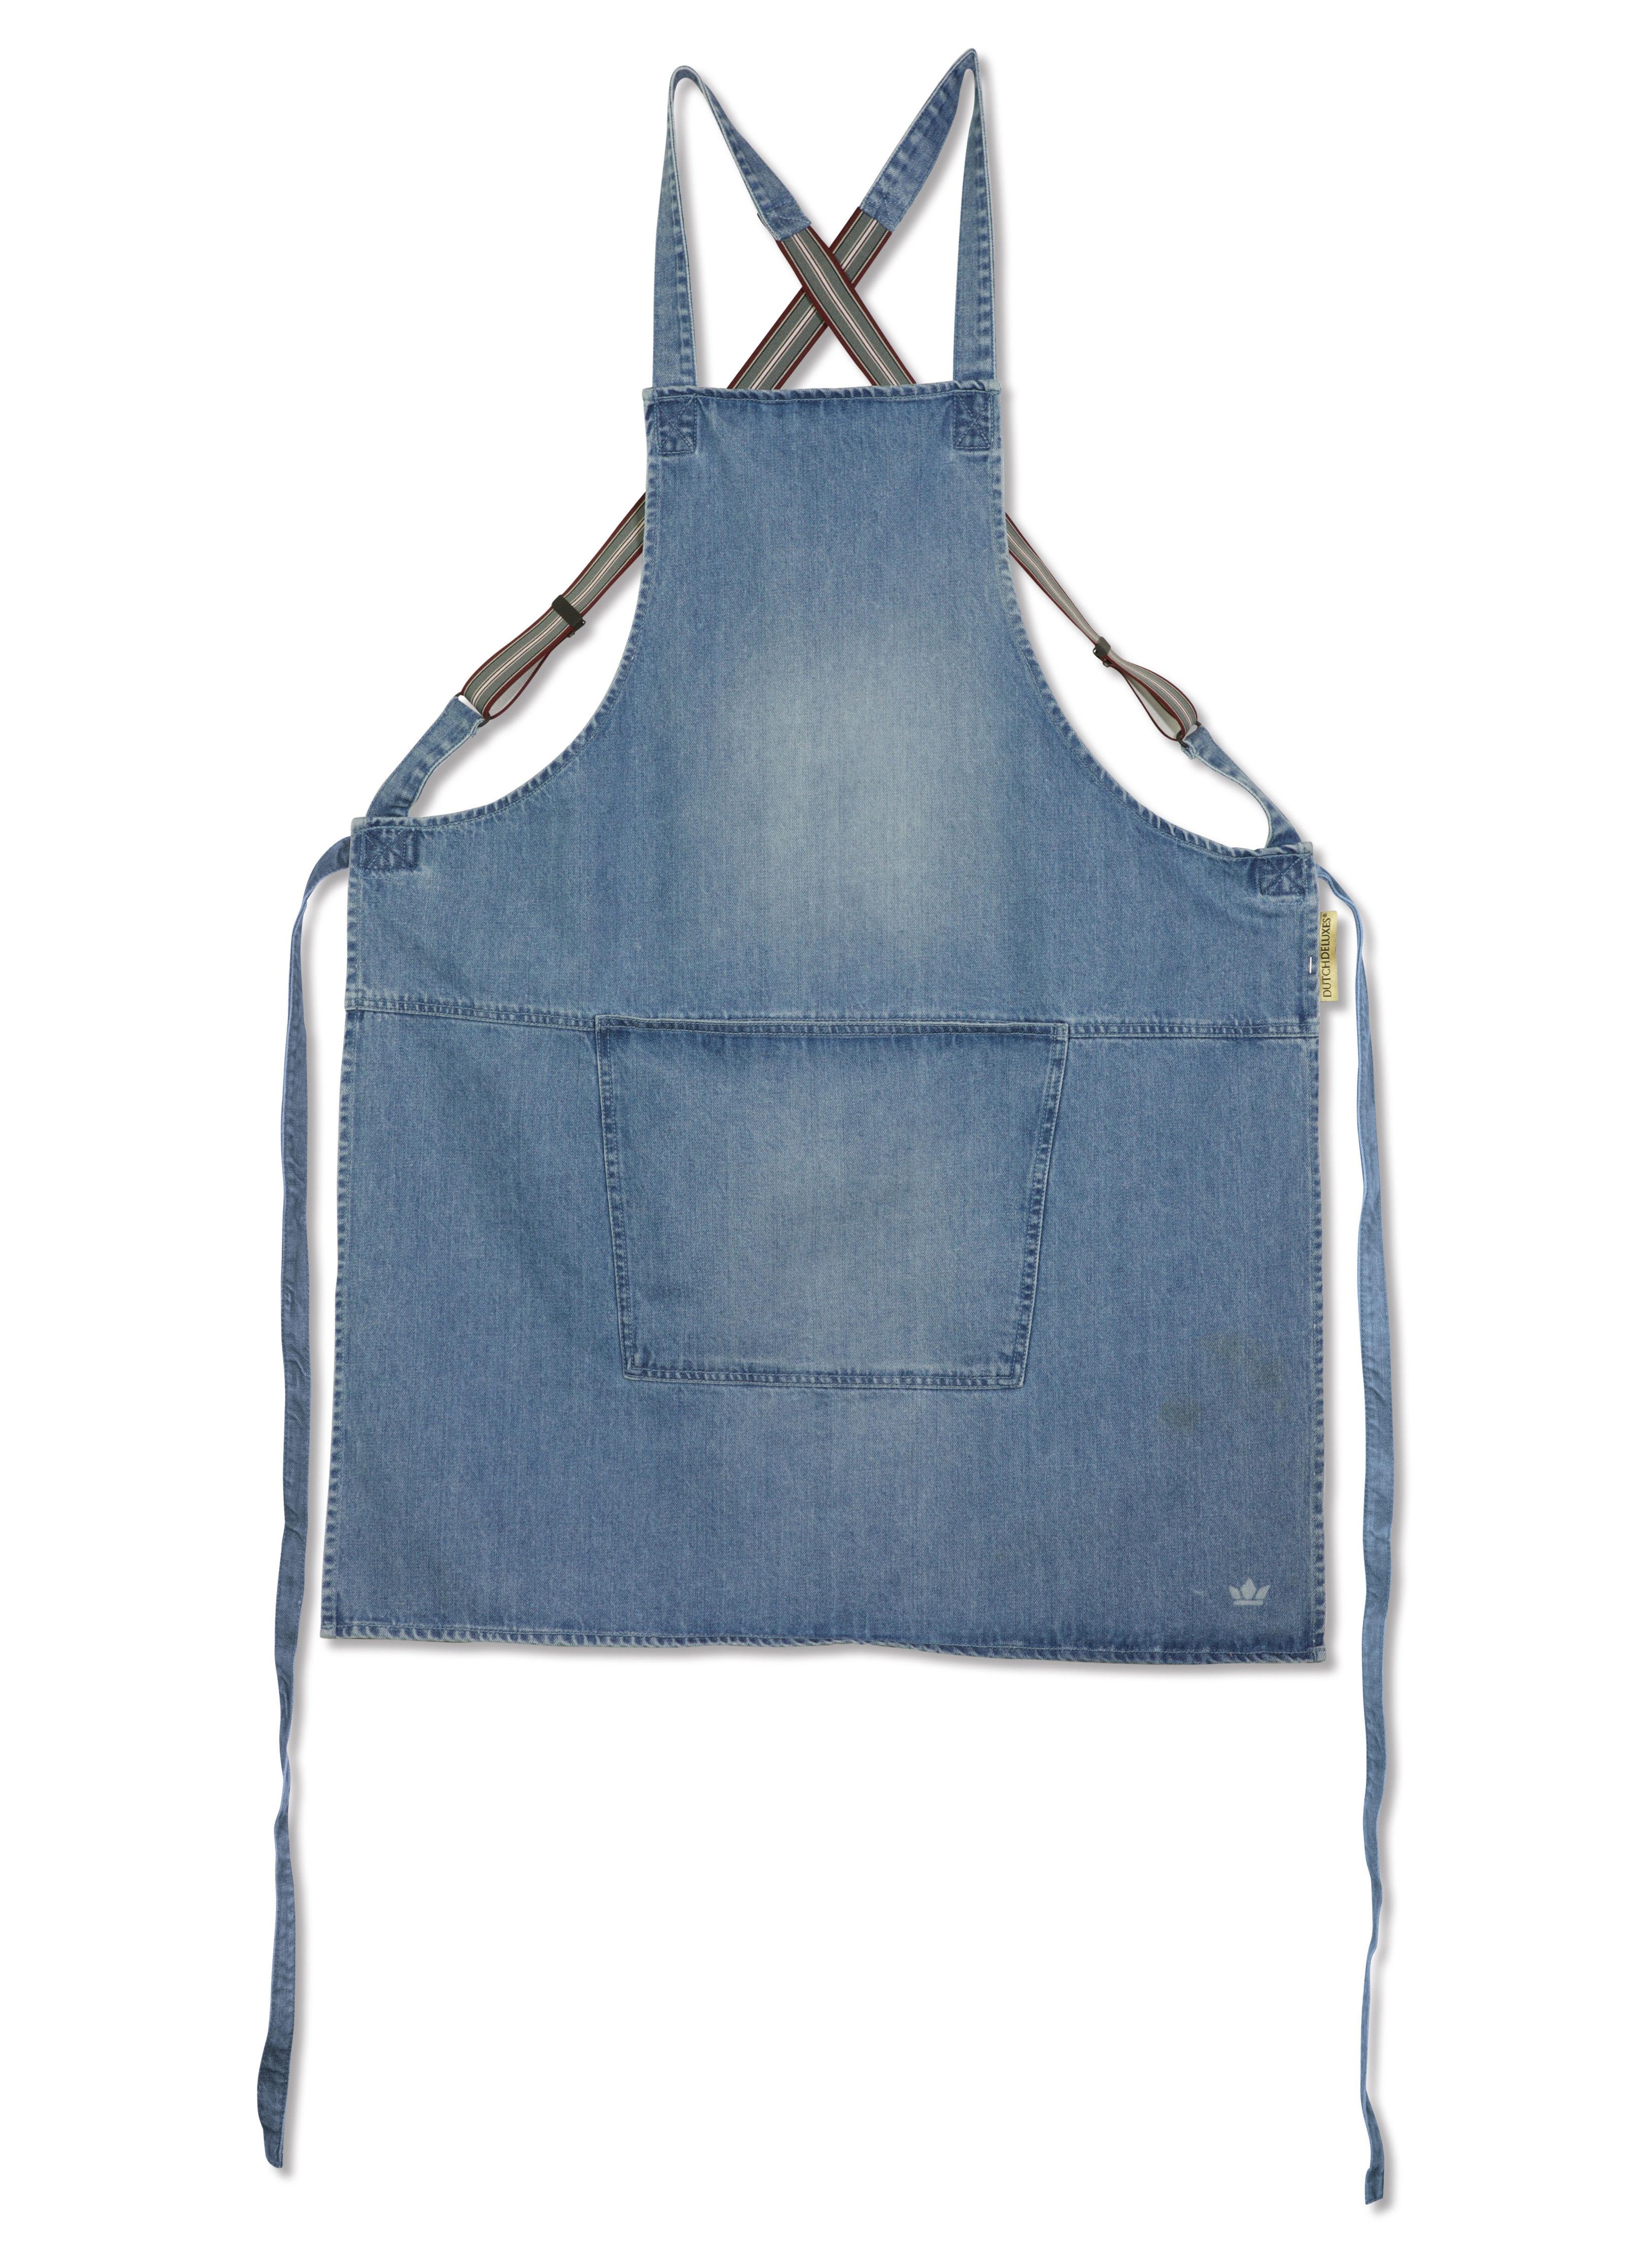 Kitchenware - Tea Towels & Aprons - Apron - denim / Crossed straps by Dutchdeluxes - Light blue - Cotton